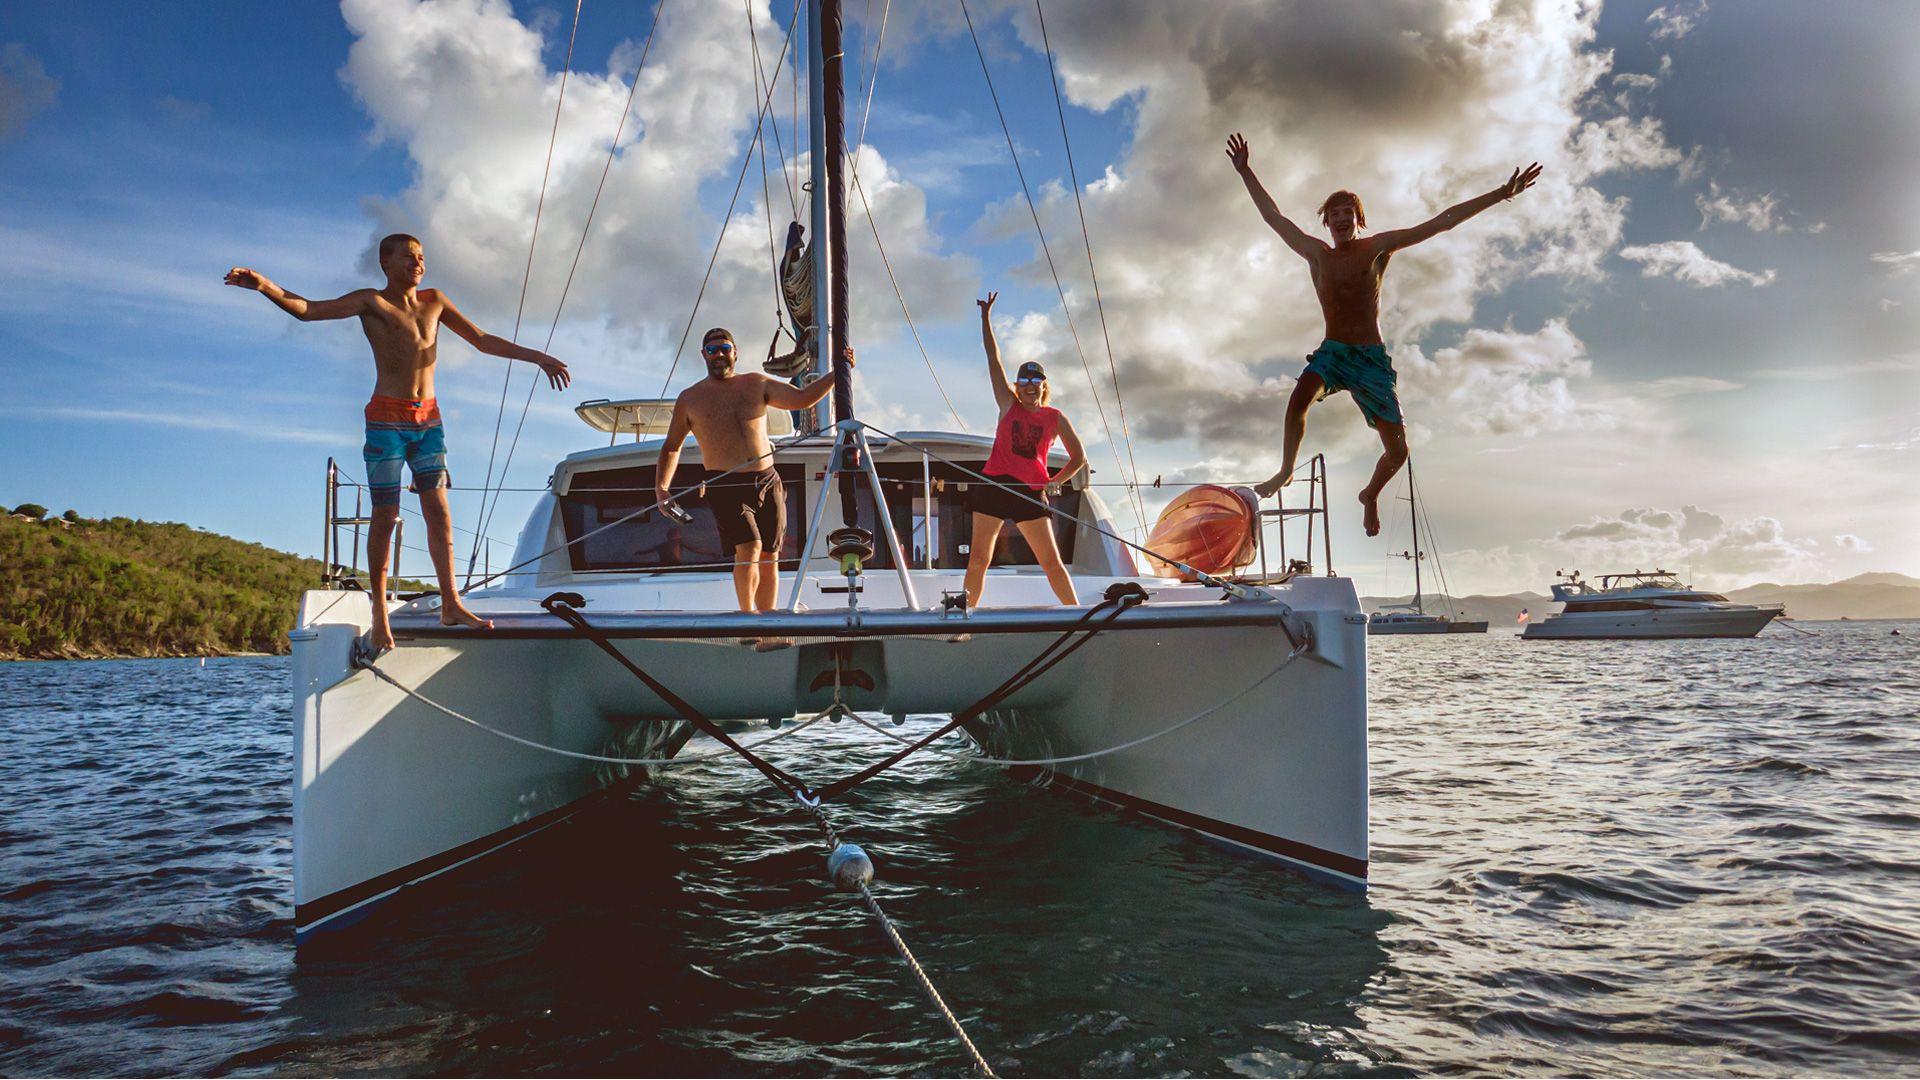 Sail on, sail on, sailors